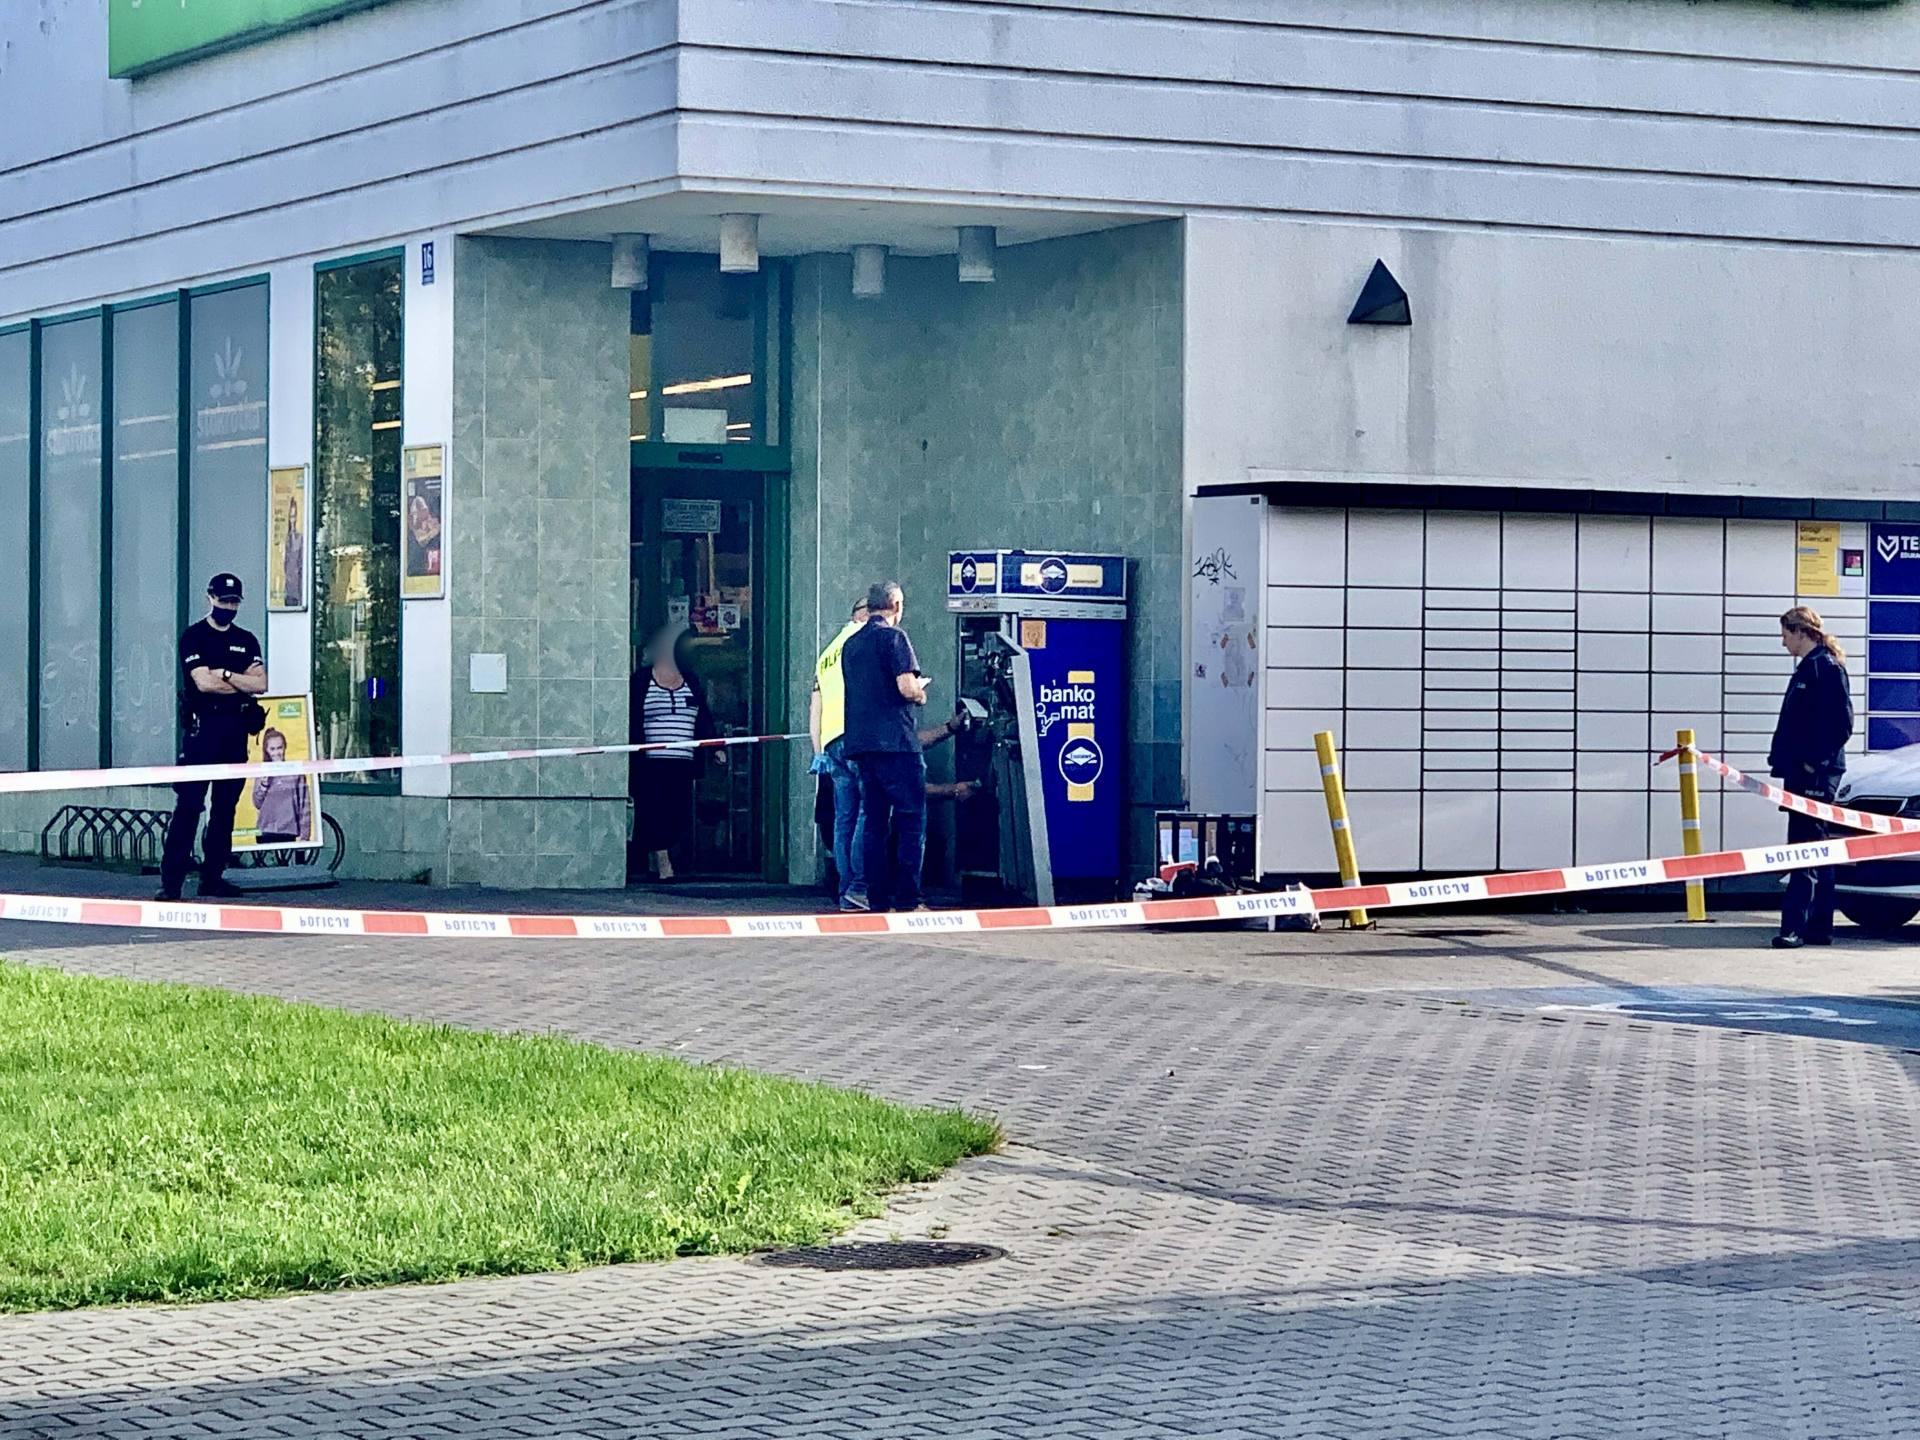 img 7288 Zamość: Nocny napad na bankomat przy ul. Piłsudskiego [ZDJĘCIA]